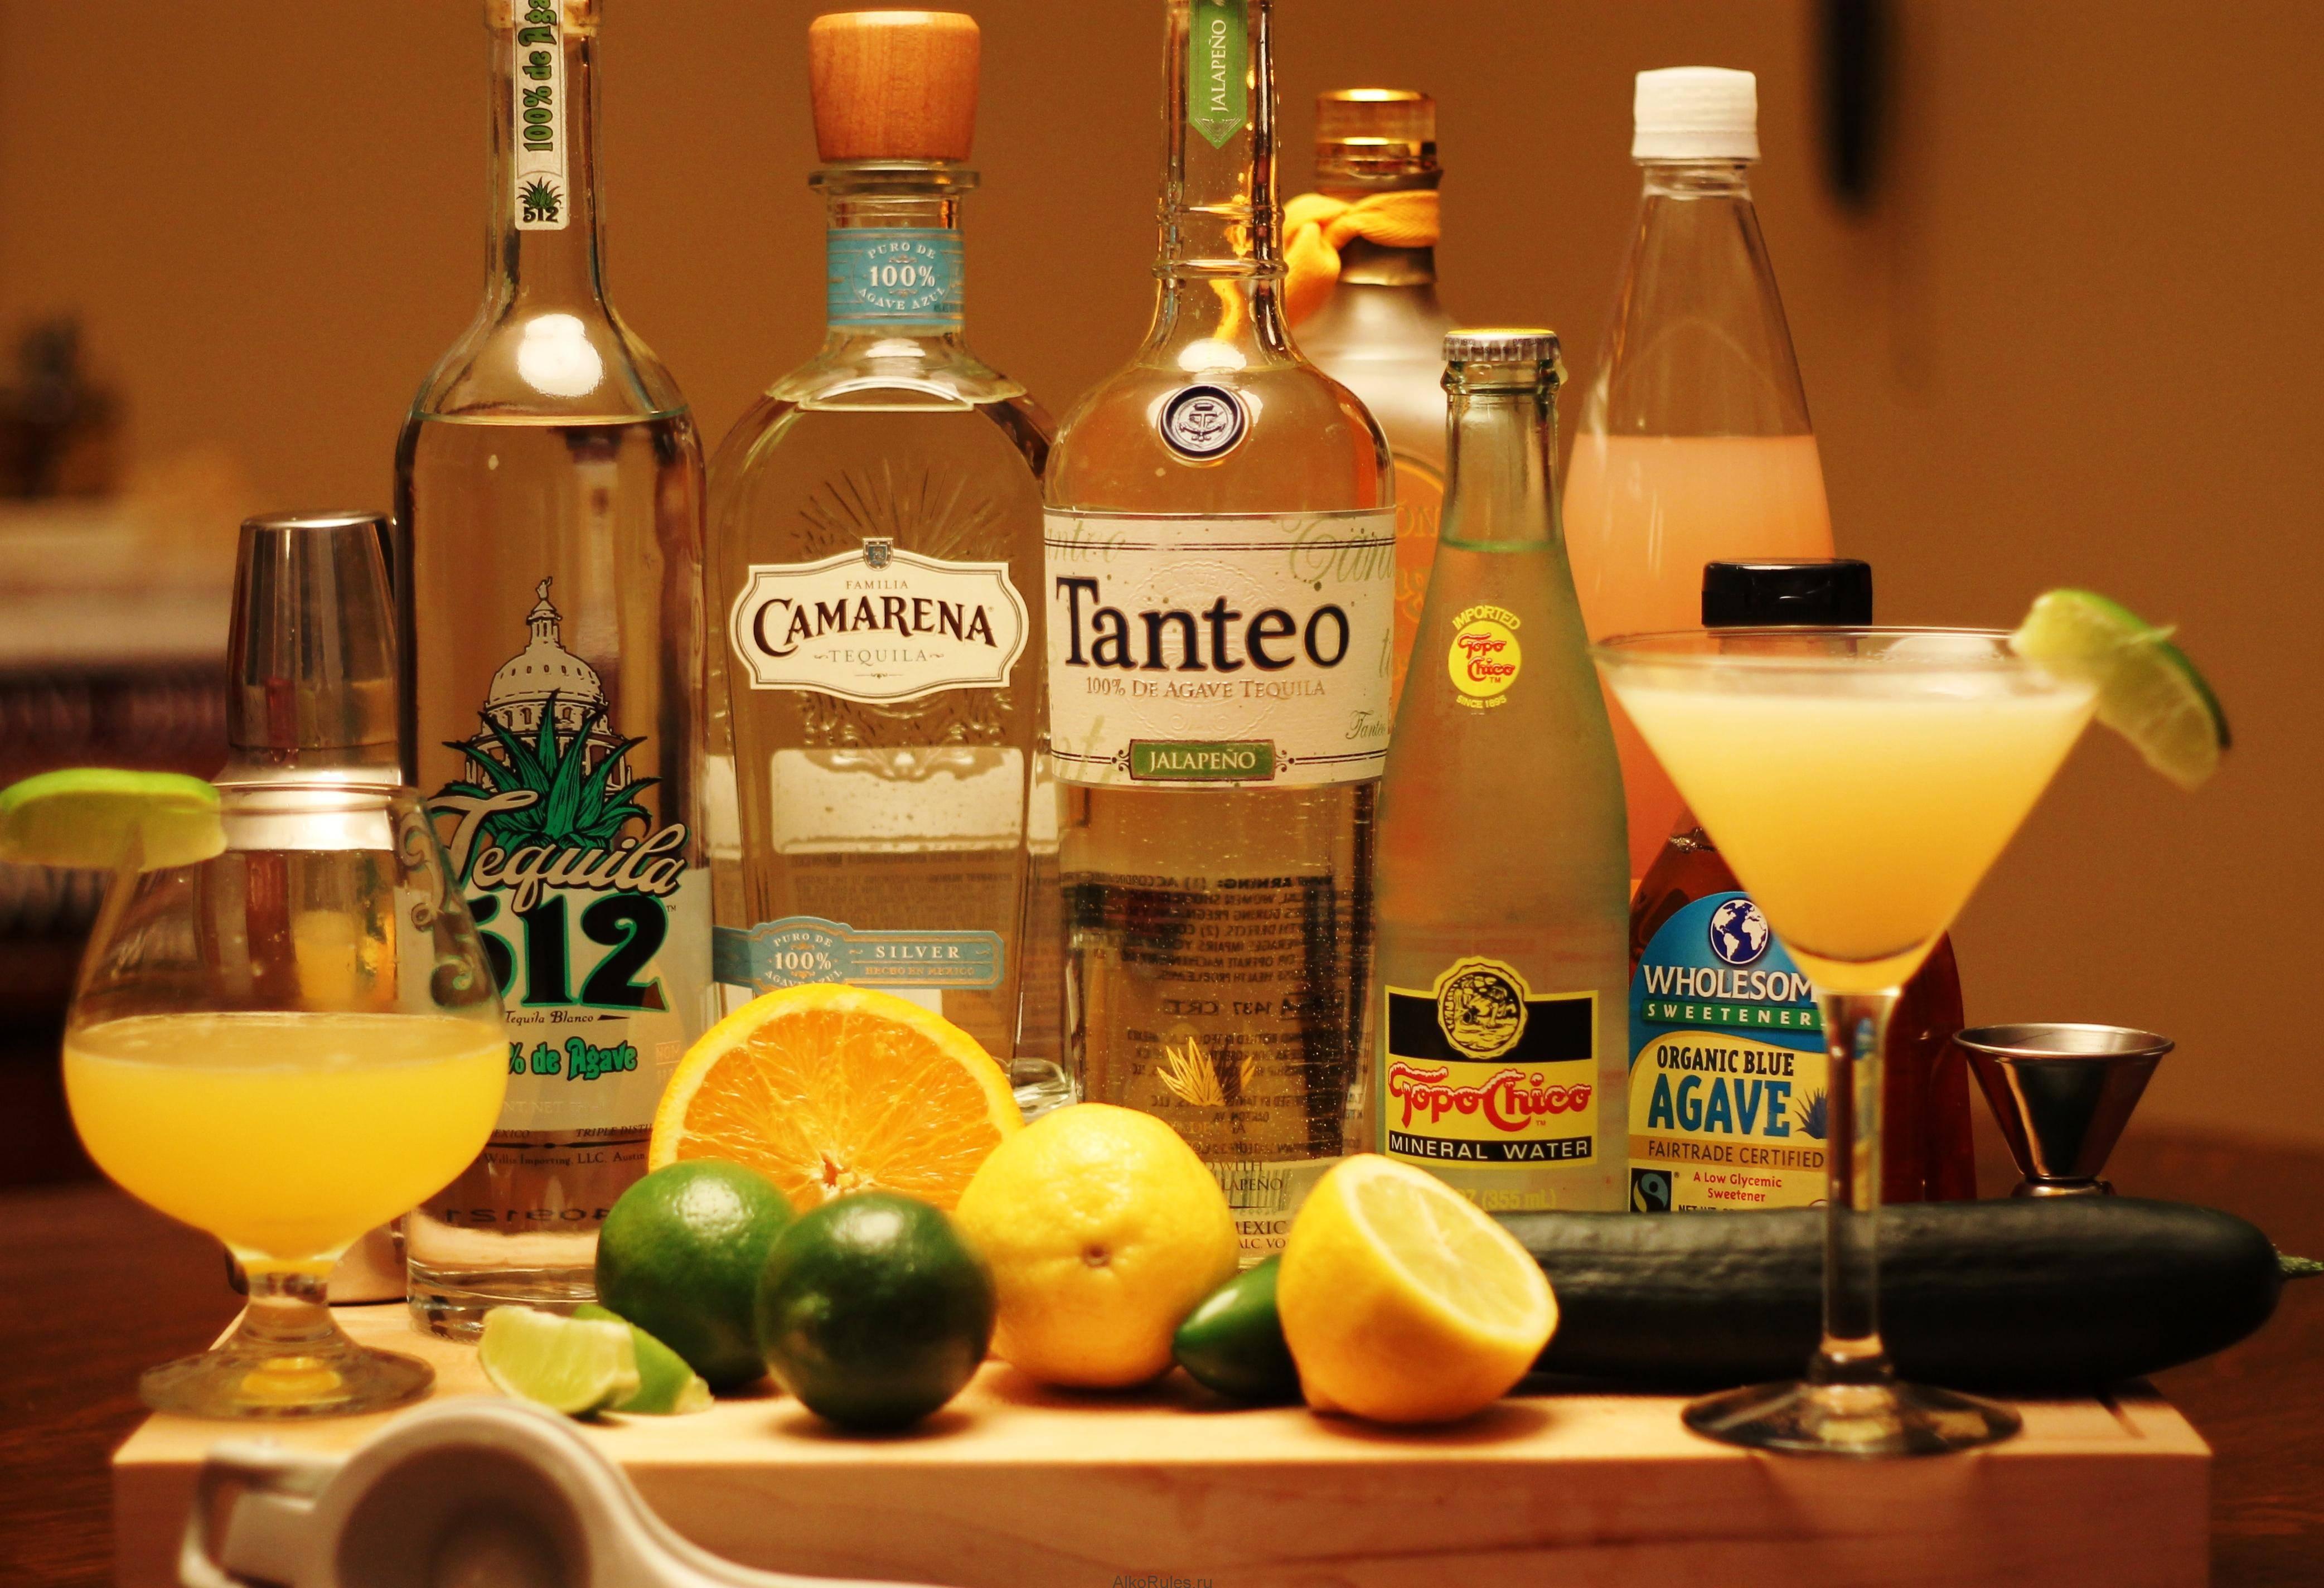 Чем запивать текилу: какие лучшие варианты традиционны в мексике, как можно разбавить? | mosspravki.ru